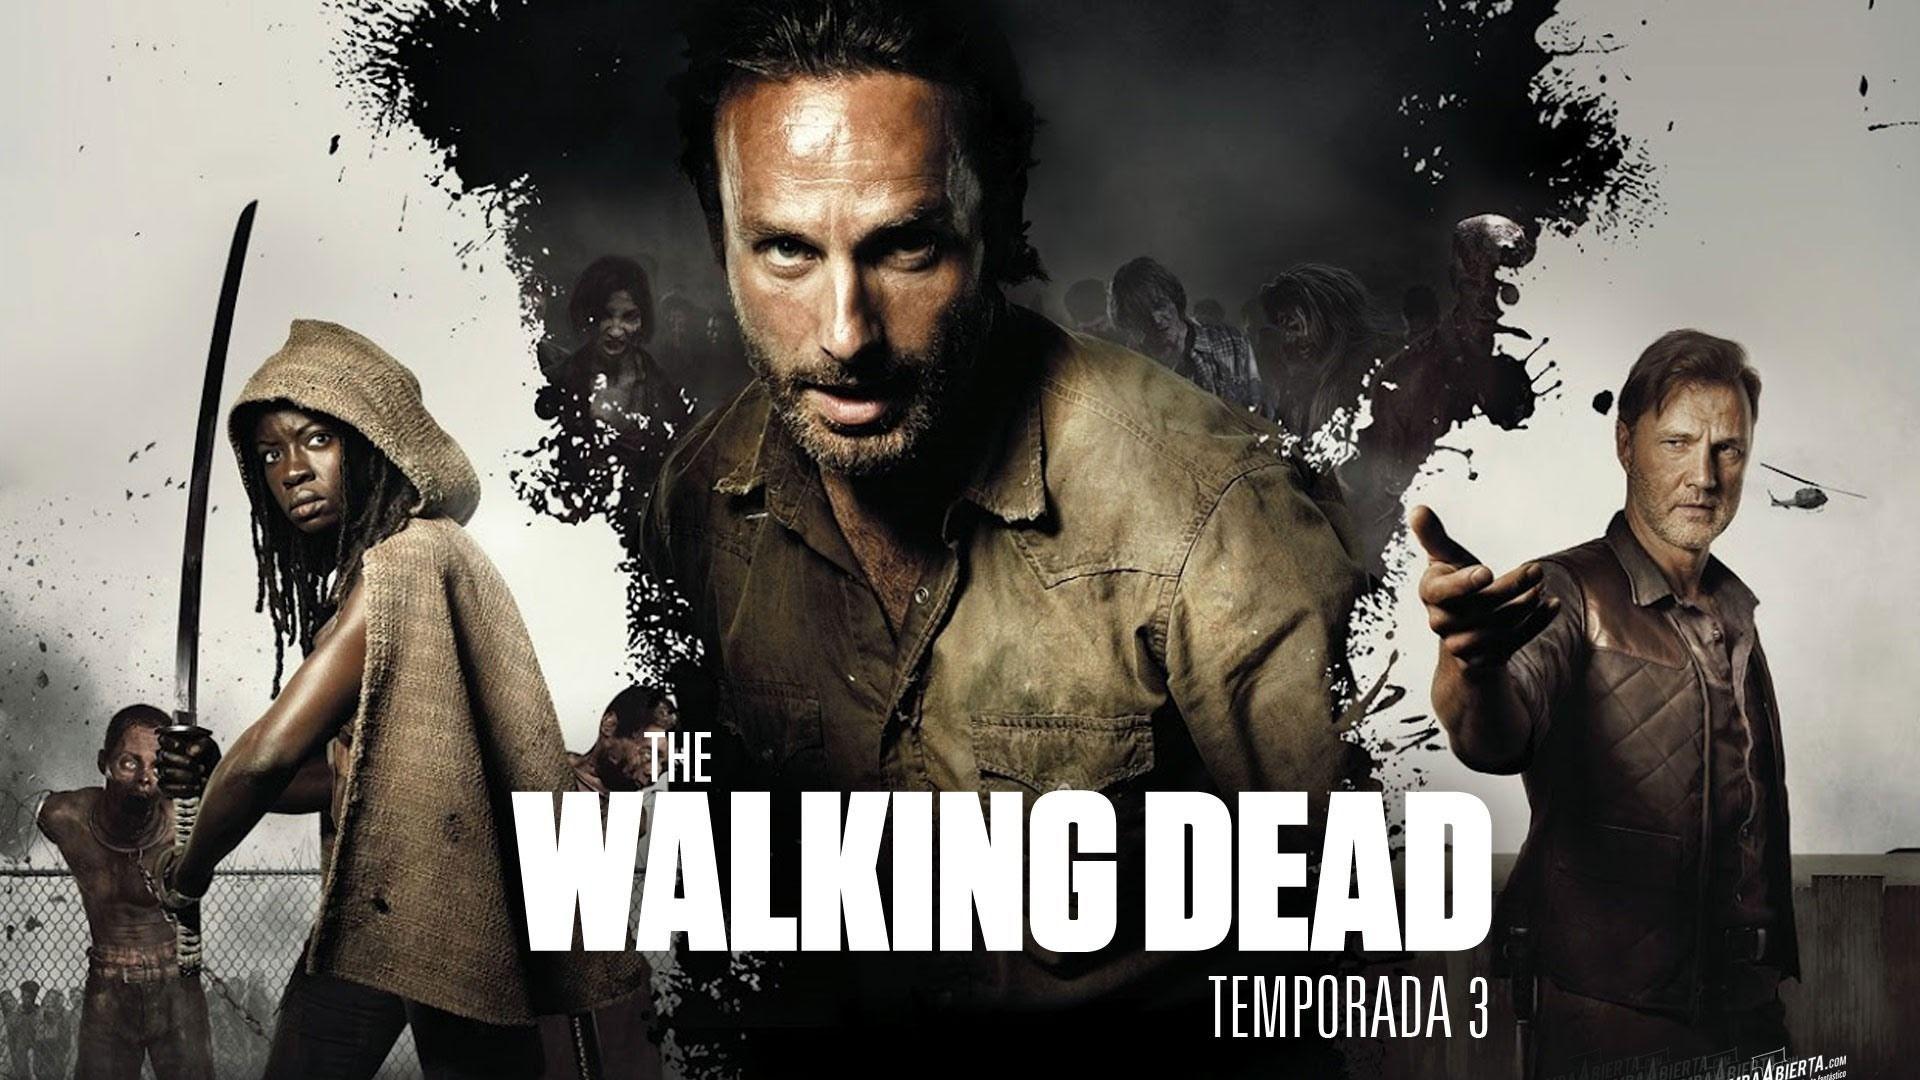 Download Wallpaper The Walking Dead Rick Grimes Carl 1920x1080